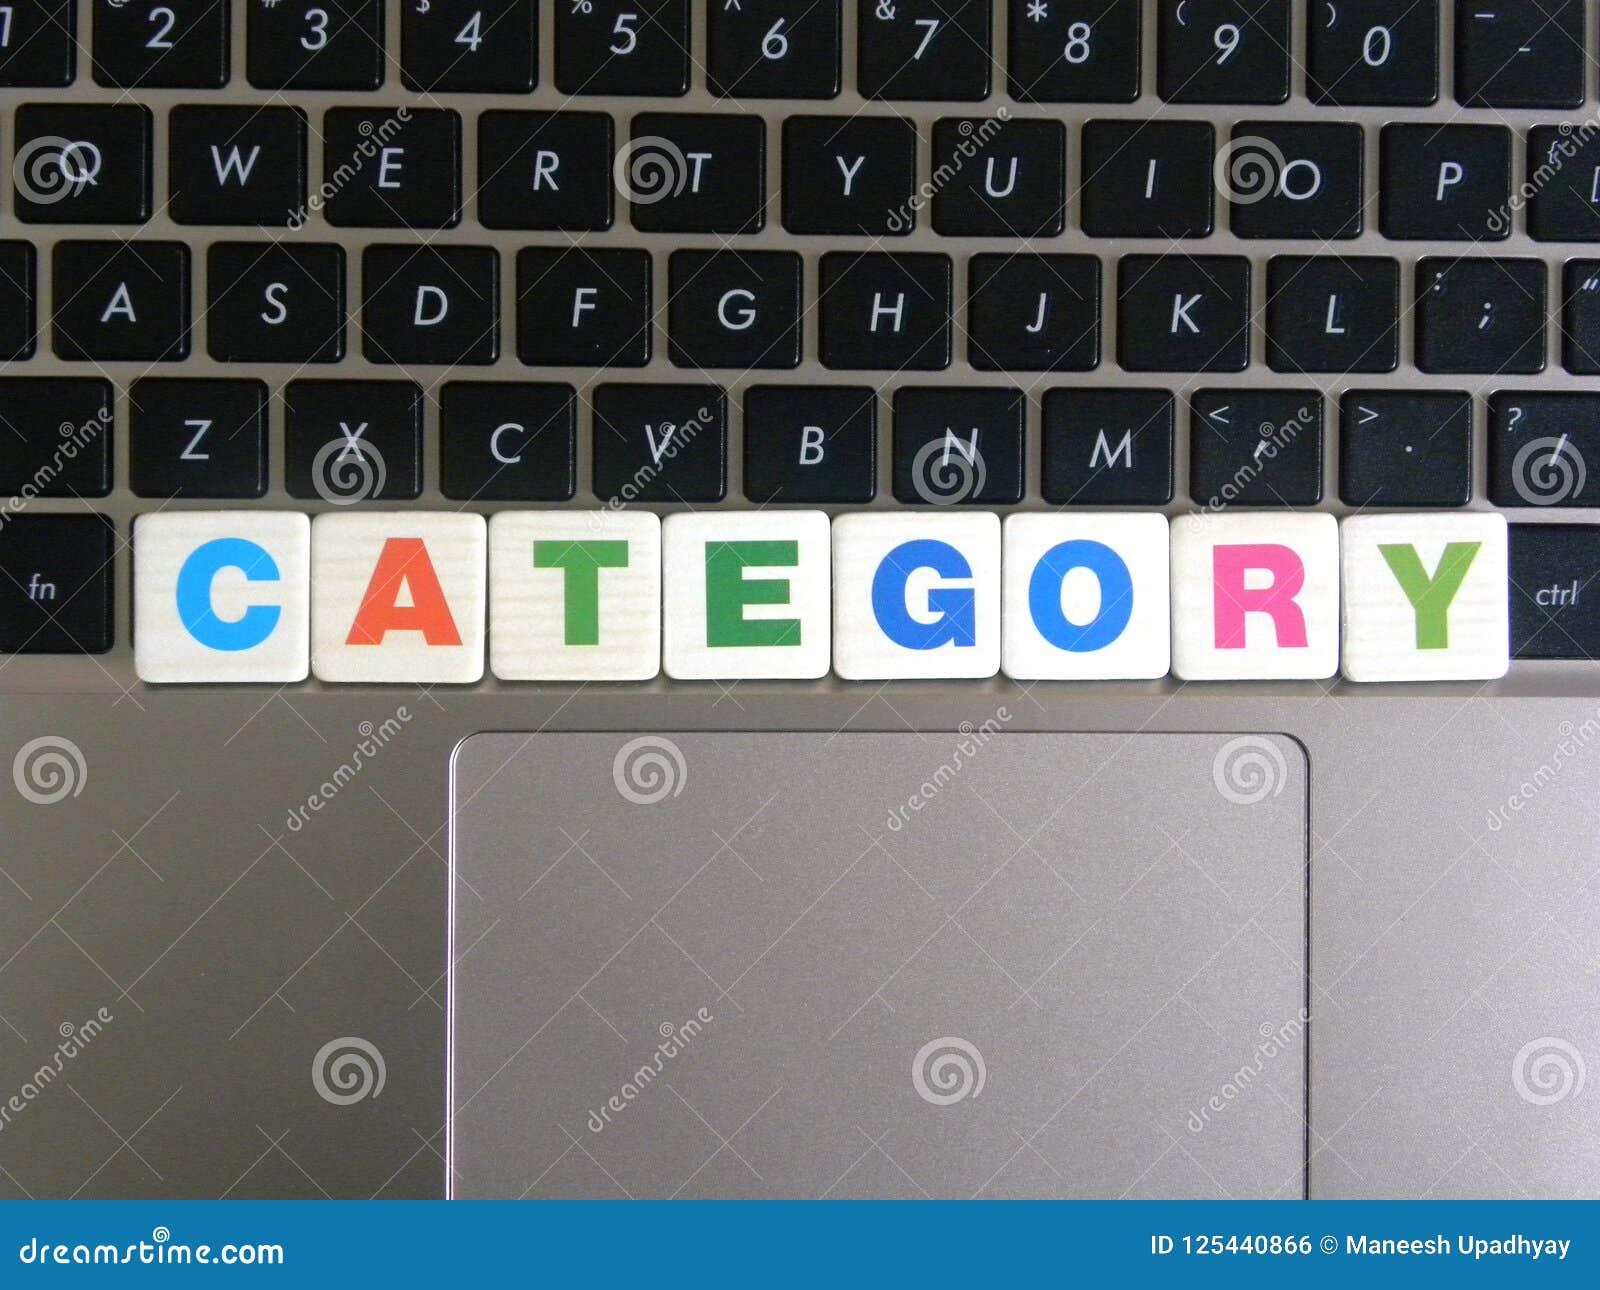 Категория слова на предпосылке клавиатуры